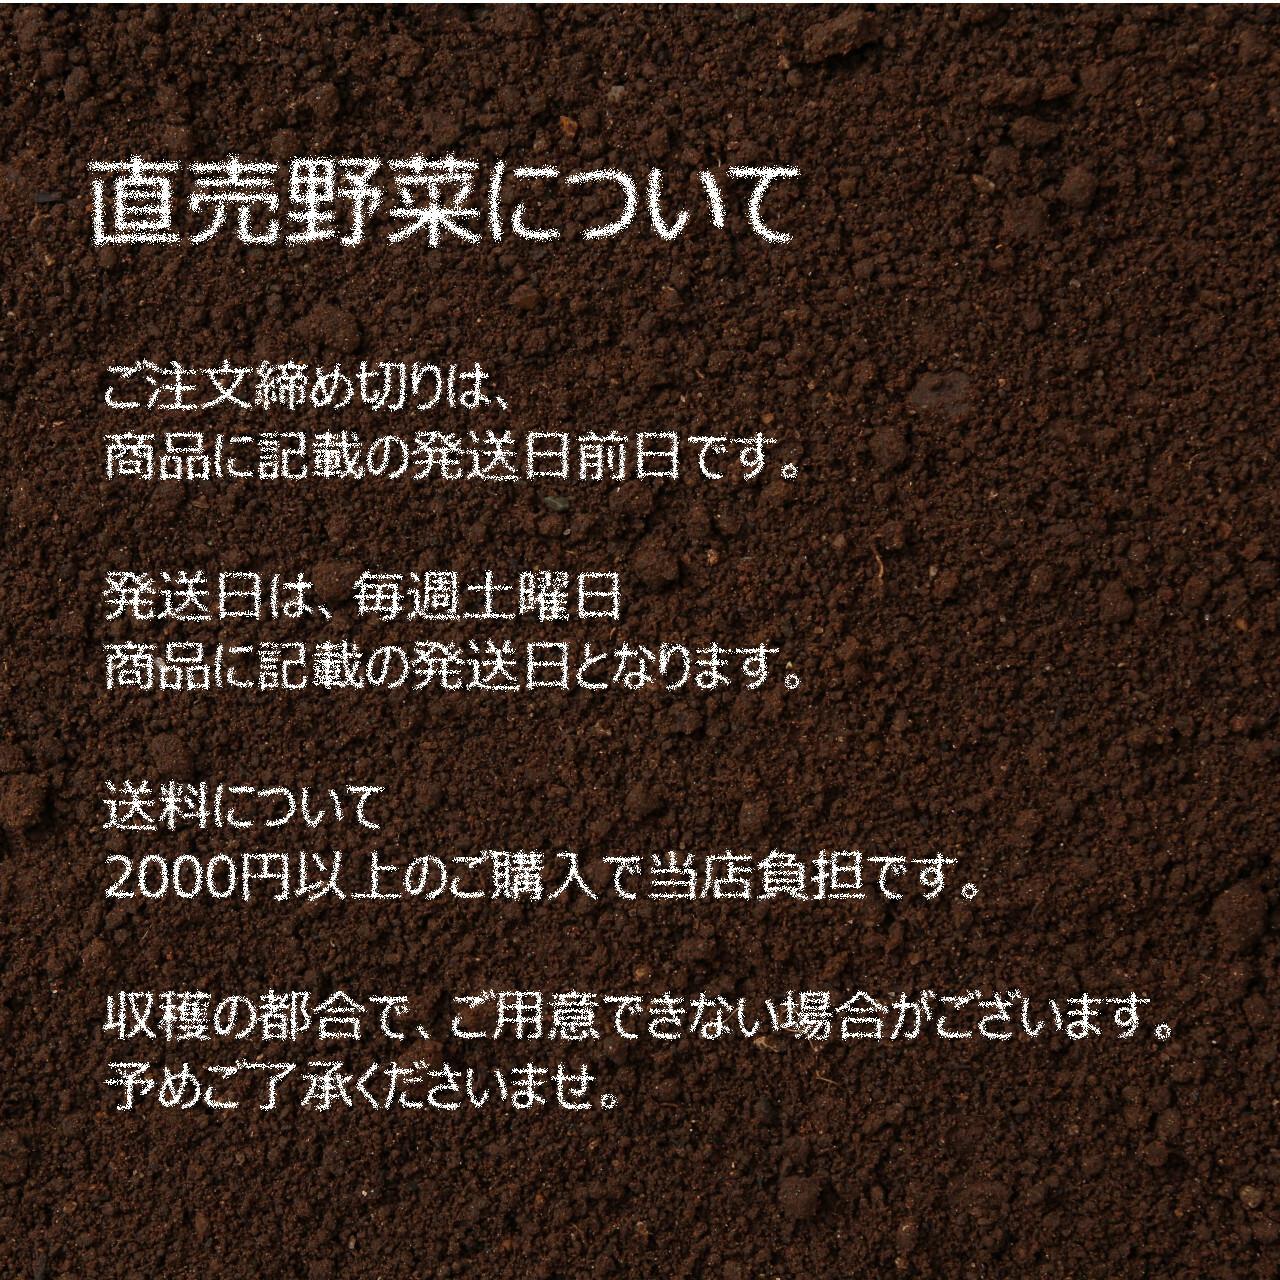 7月の朝採り直売野菜 :  ネギ 3~4本 7月の新鮮な夏野菜 7月27日発送予定